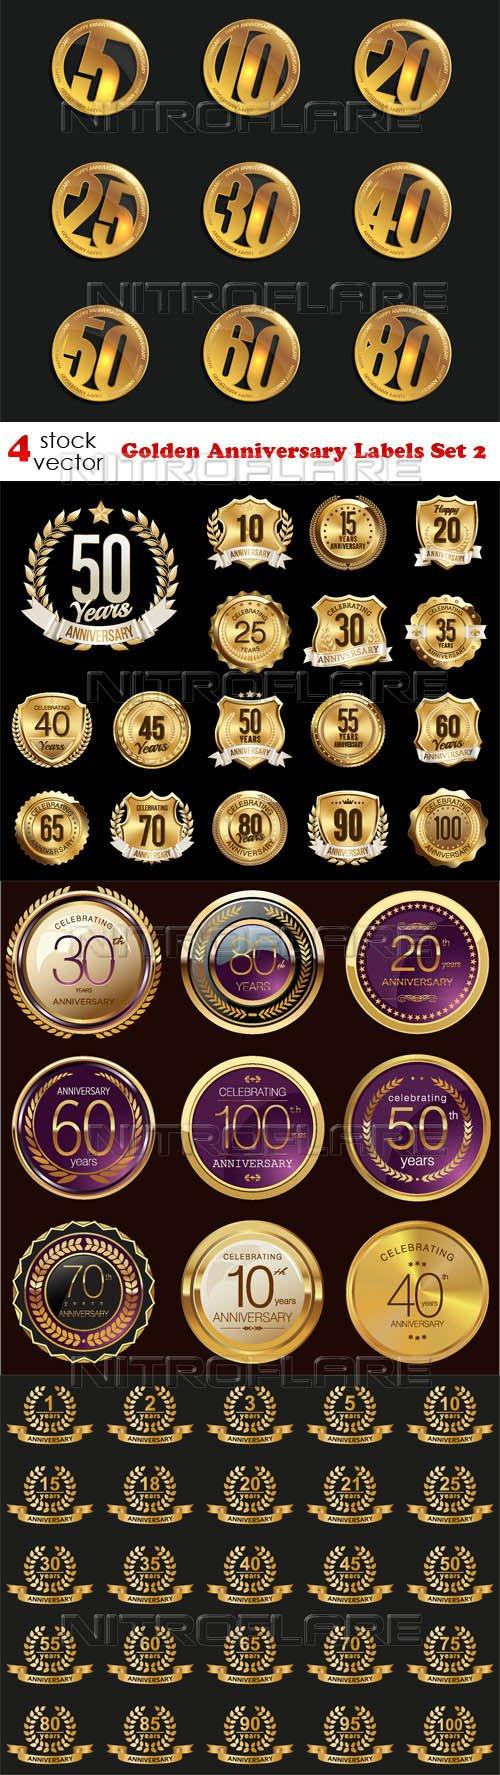 Vectors - Golden Anniversary Labels Set 2